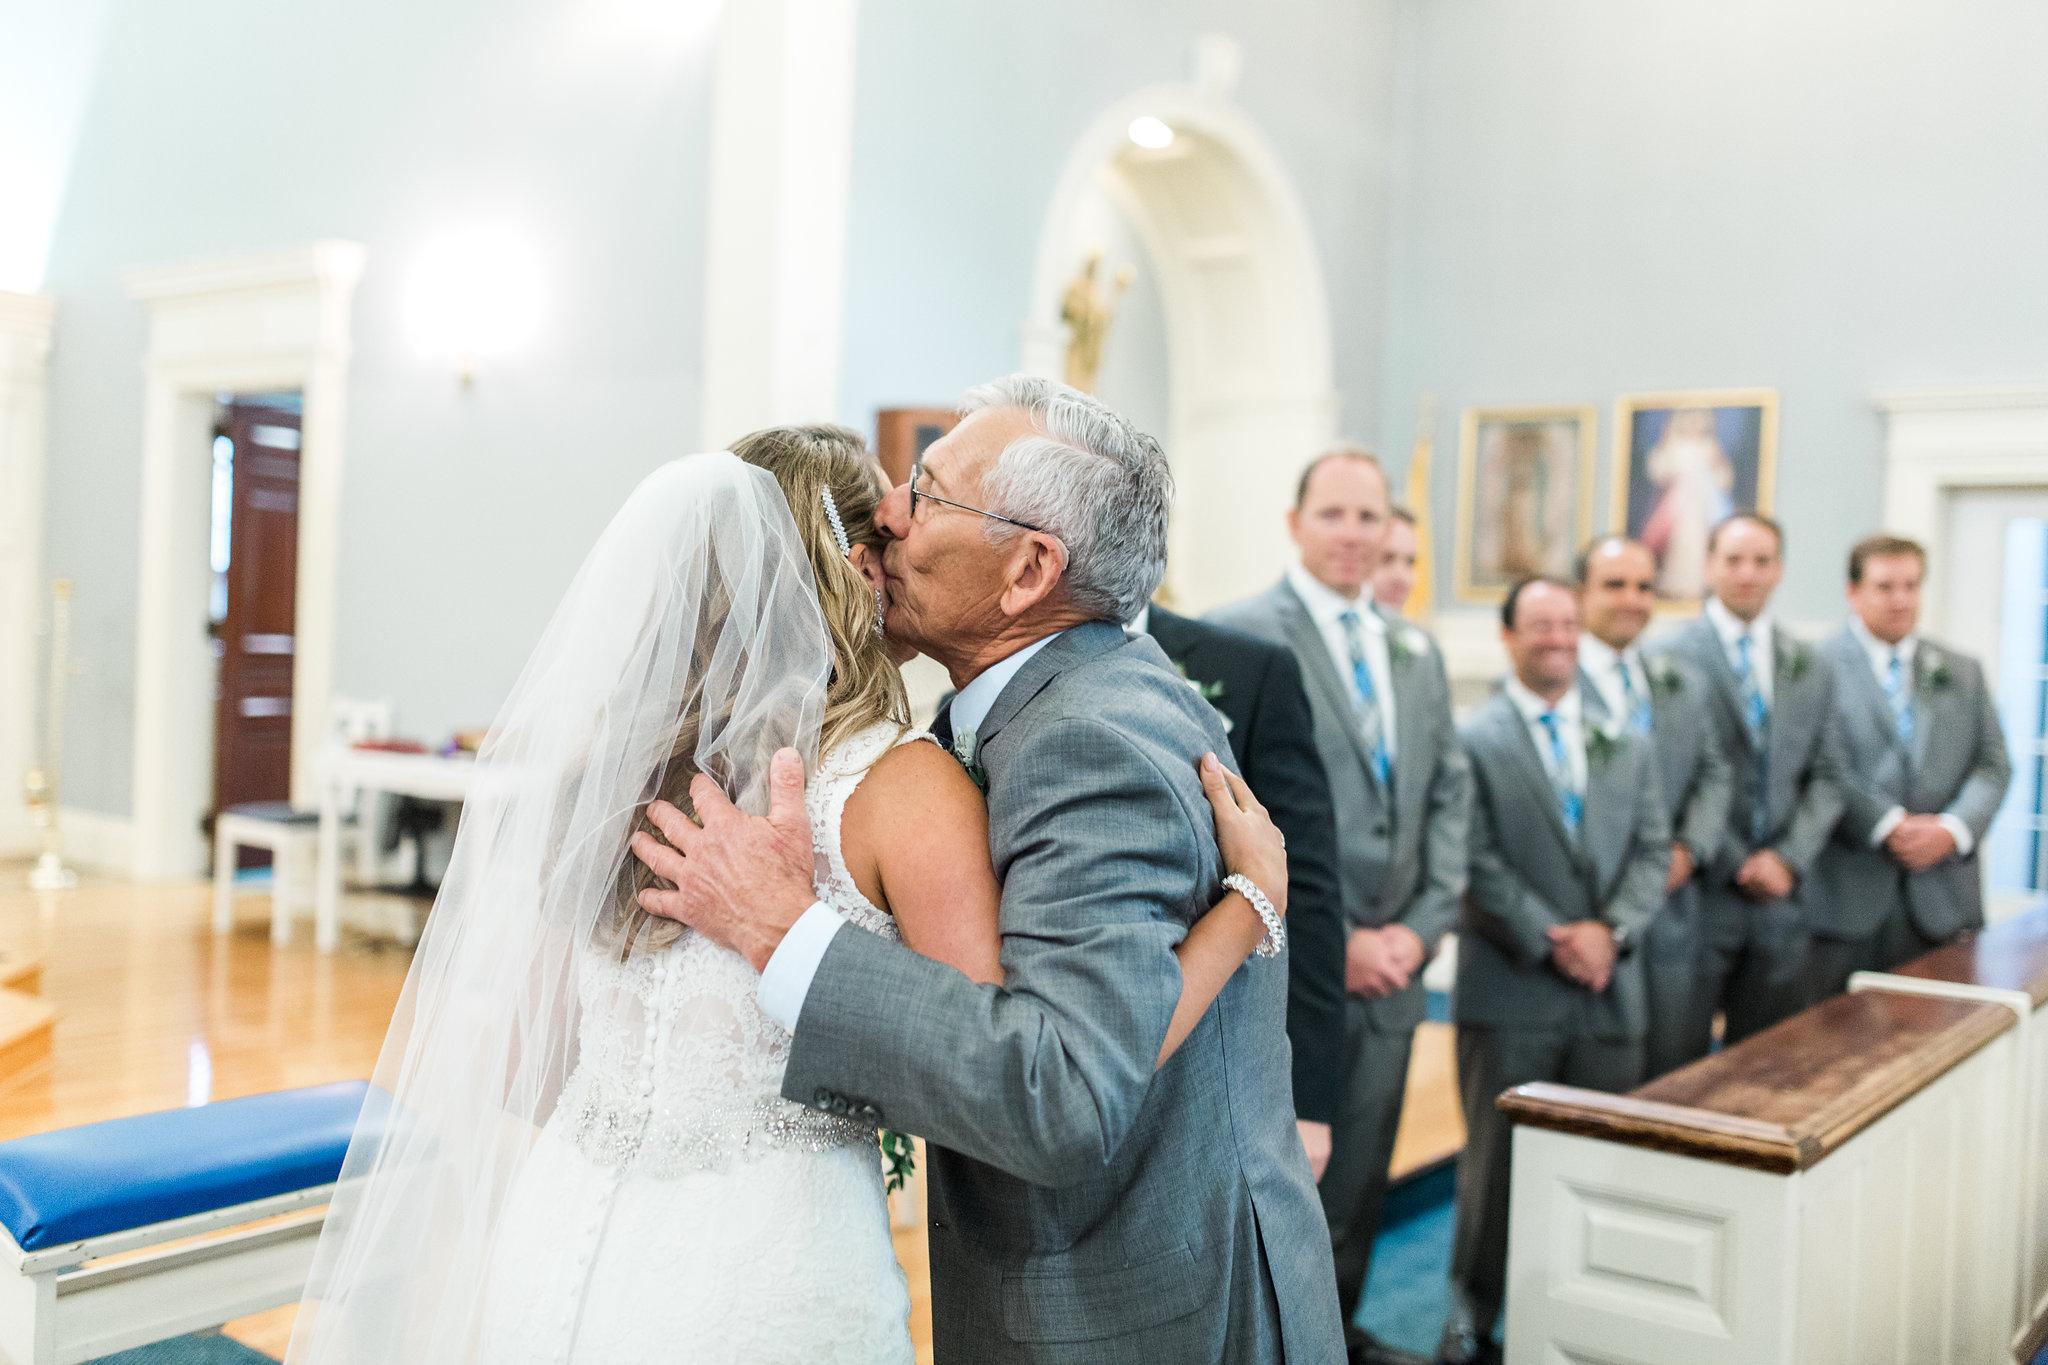 93017_KatieandJason_Wedding-15-2